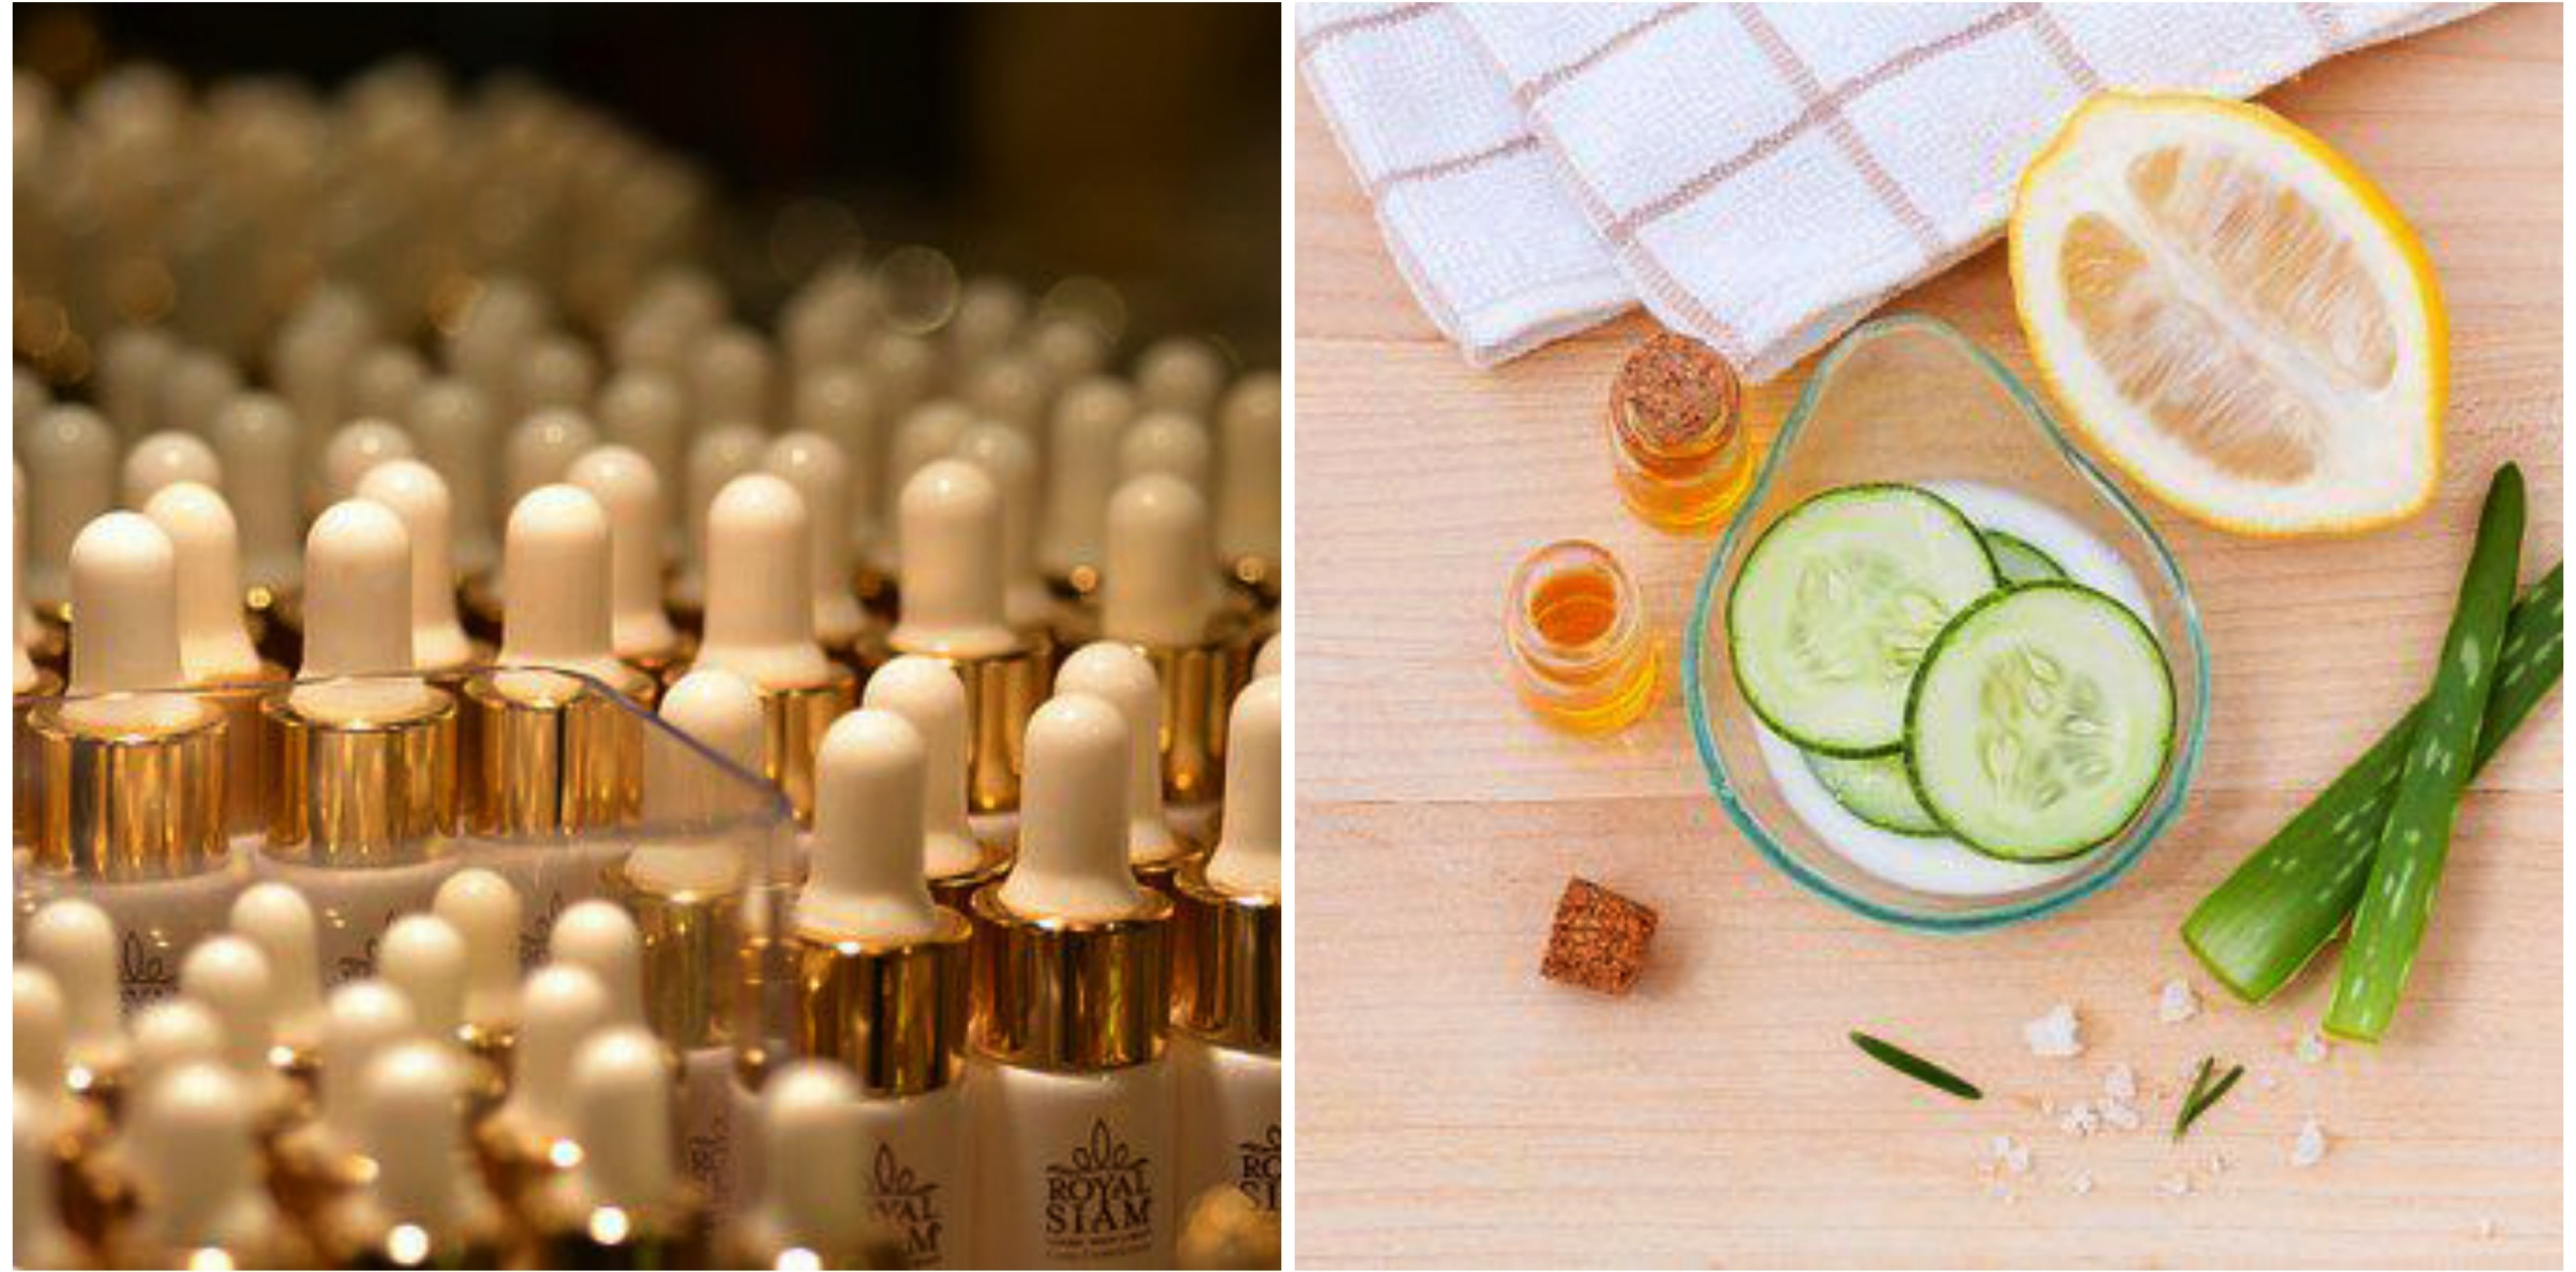 5 Tips memilih produk perawatan kulit yang aman, wajib teliti